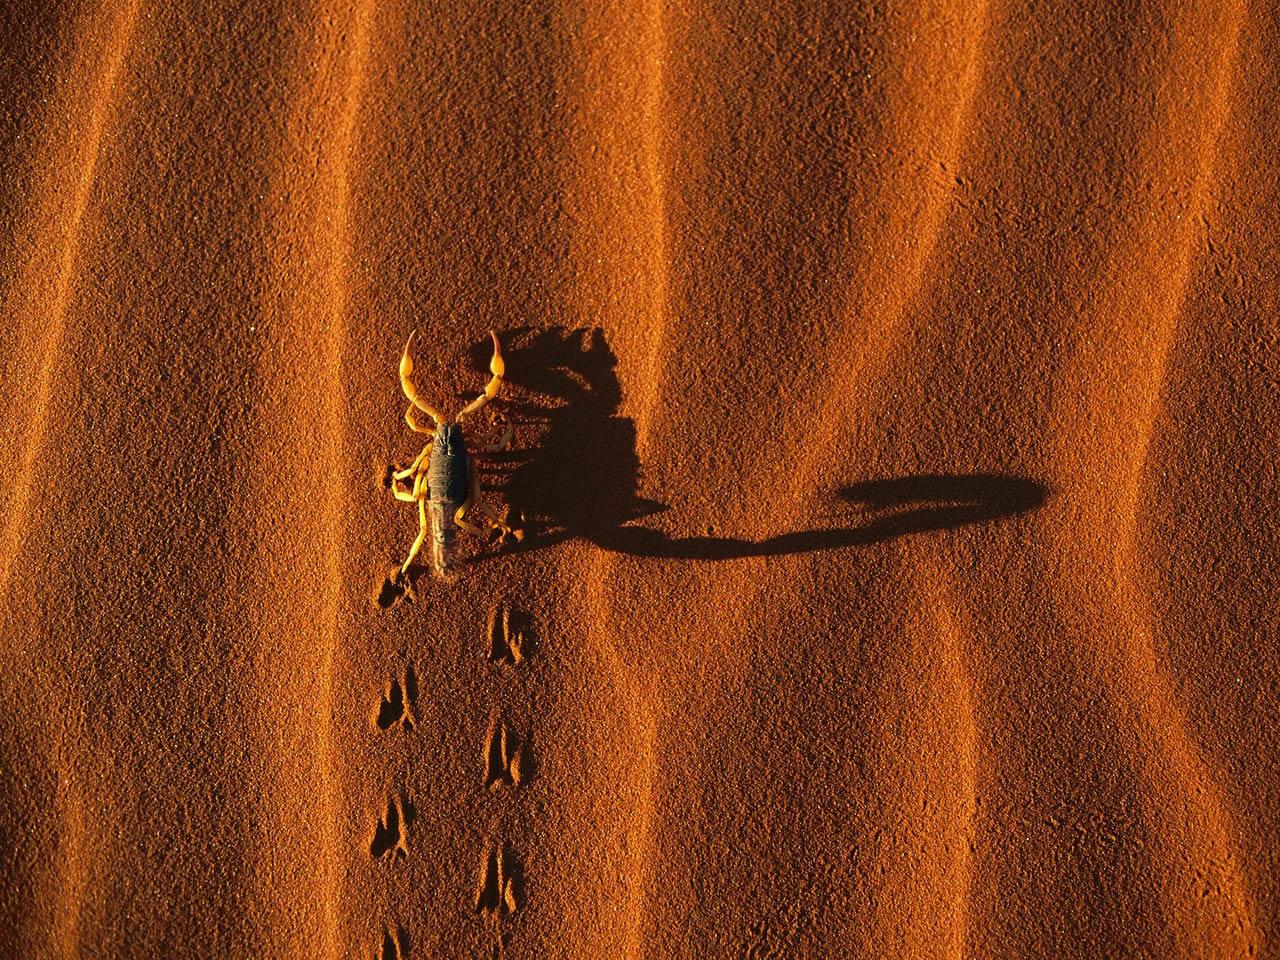 http://3.bp.blogspot.com/-jRAc8k6LXTs/TeEDb1FMkEI/AAAAAAAAA4Q/dYaAx6of3k0/s1600/shadow-casting-scorpion-namib-naukluft-national-park-namibia.jpg